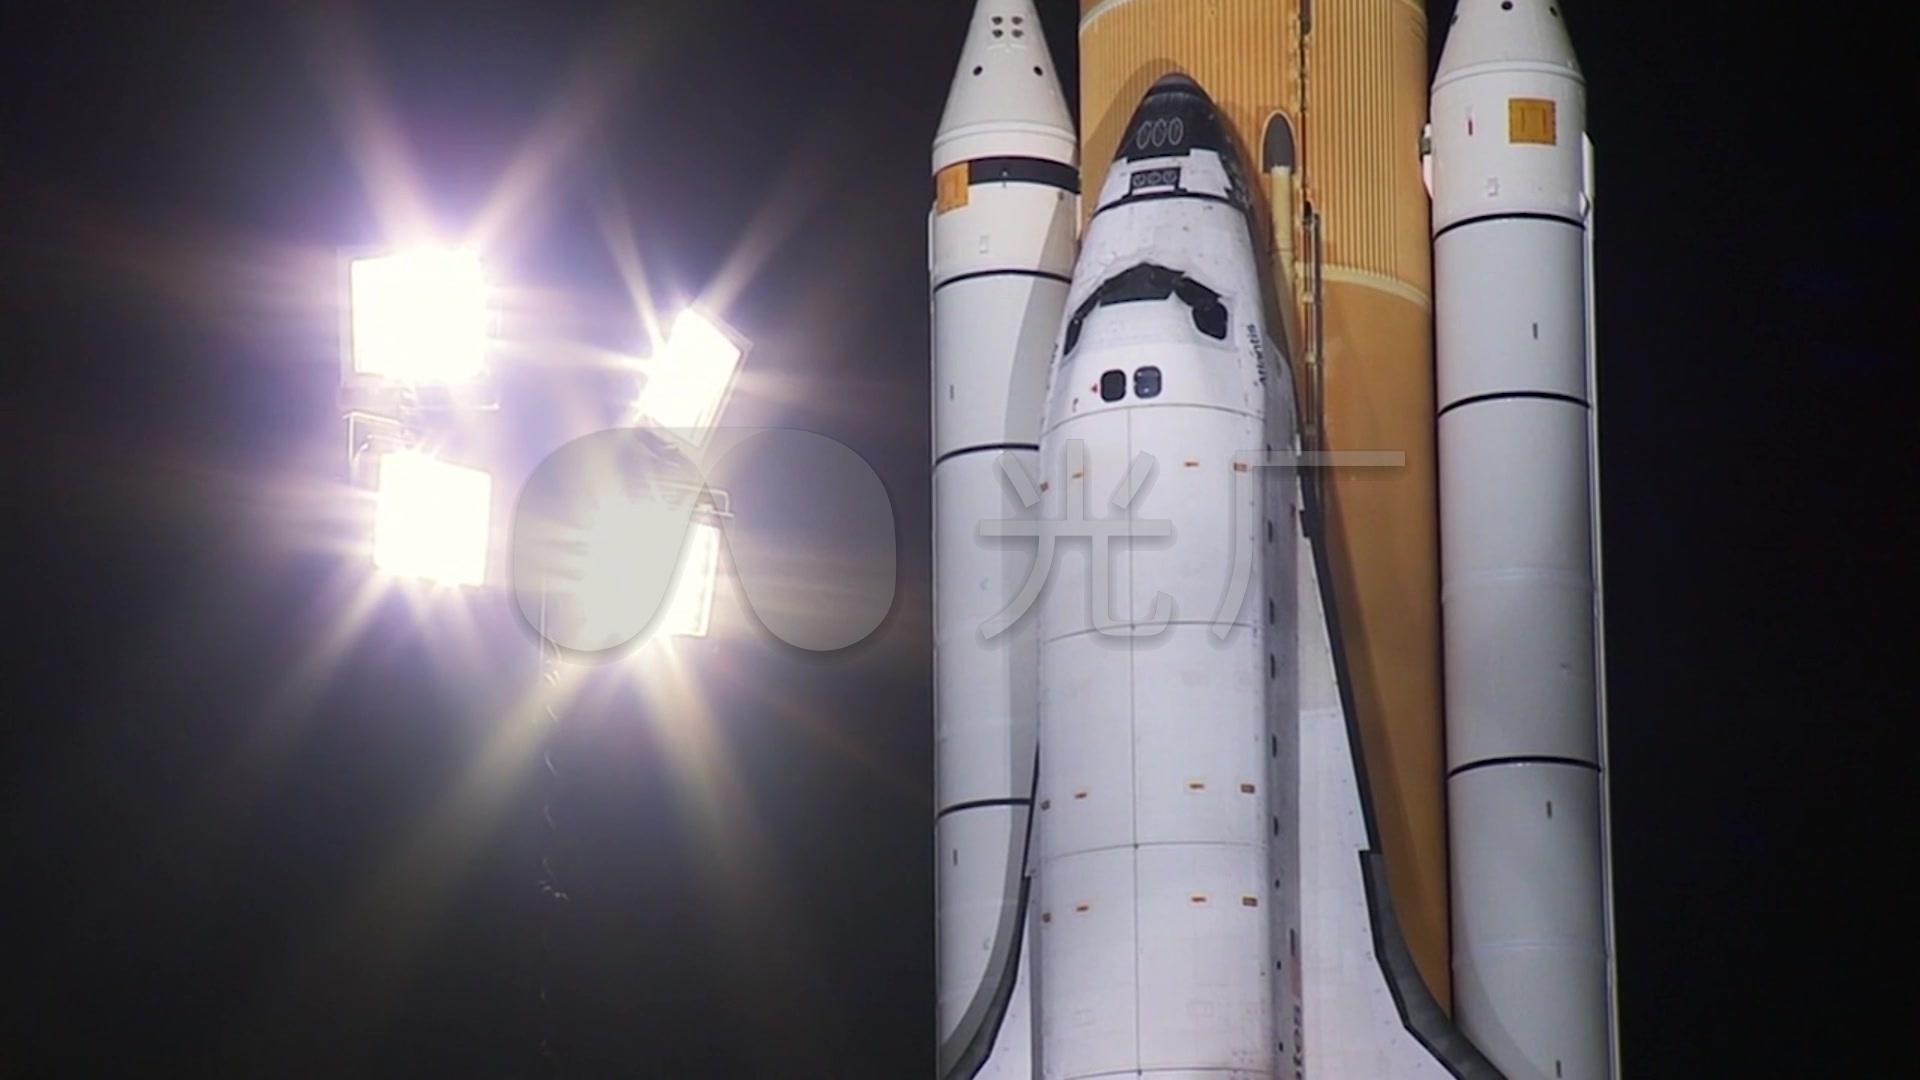 美国nasa宇航局太空总署_航天飞机发射_1920x1080_(:)